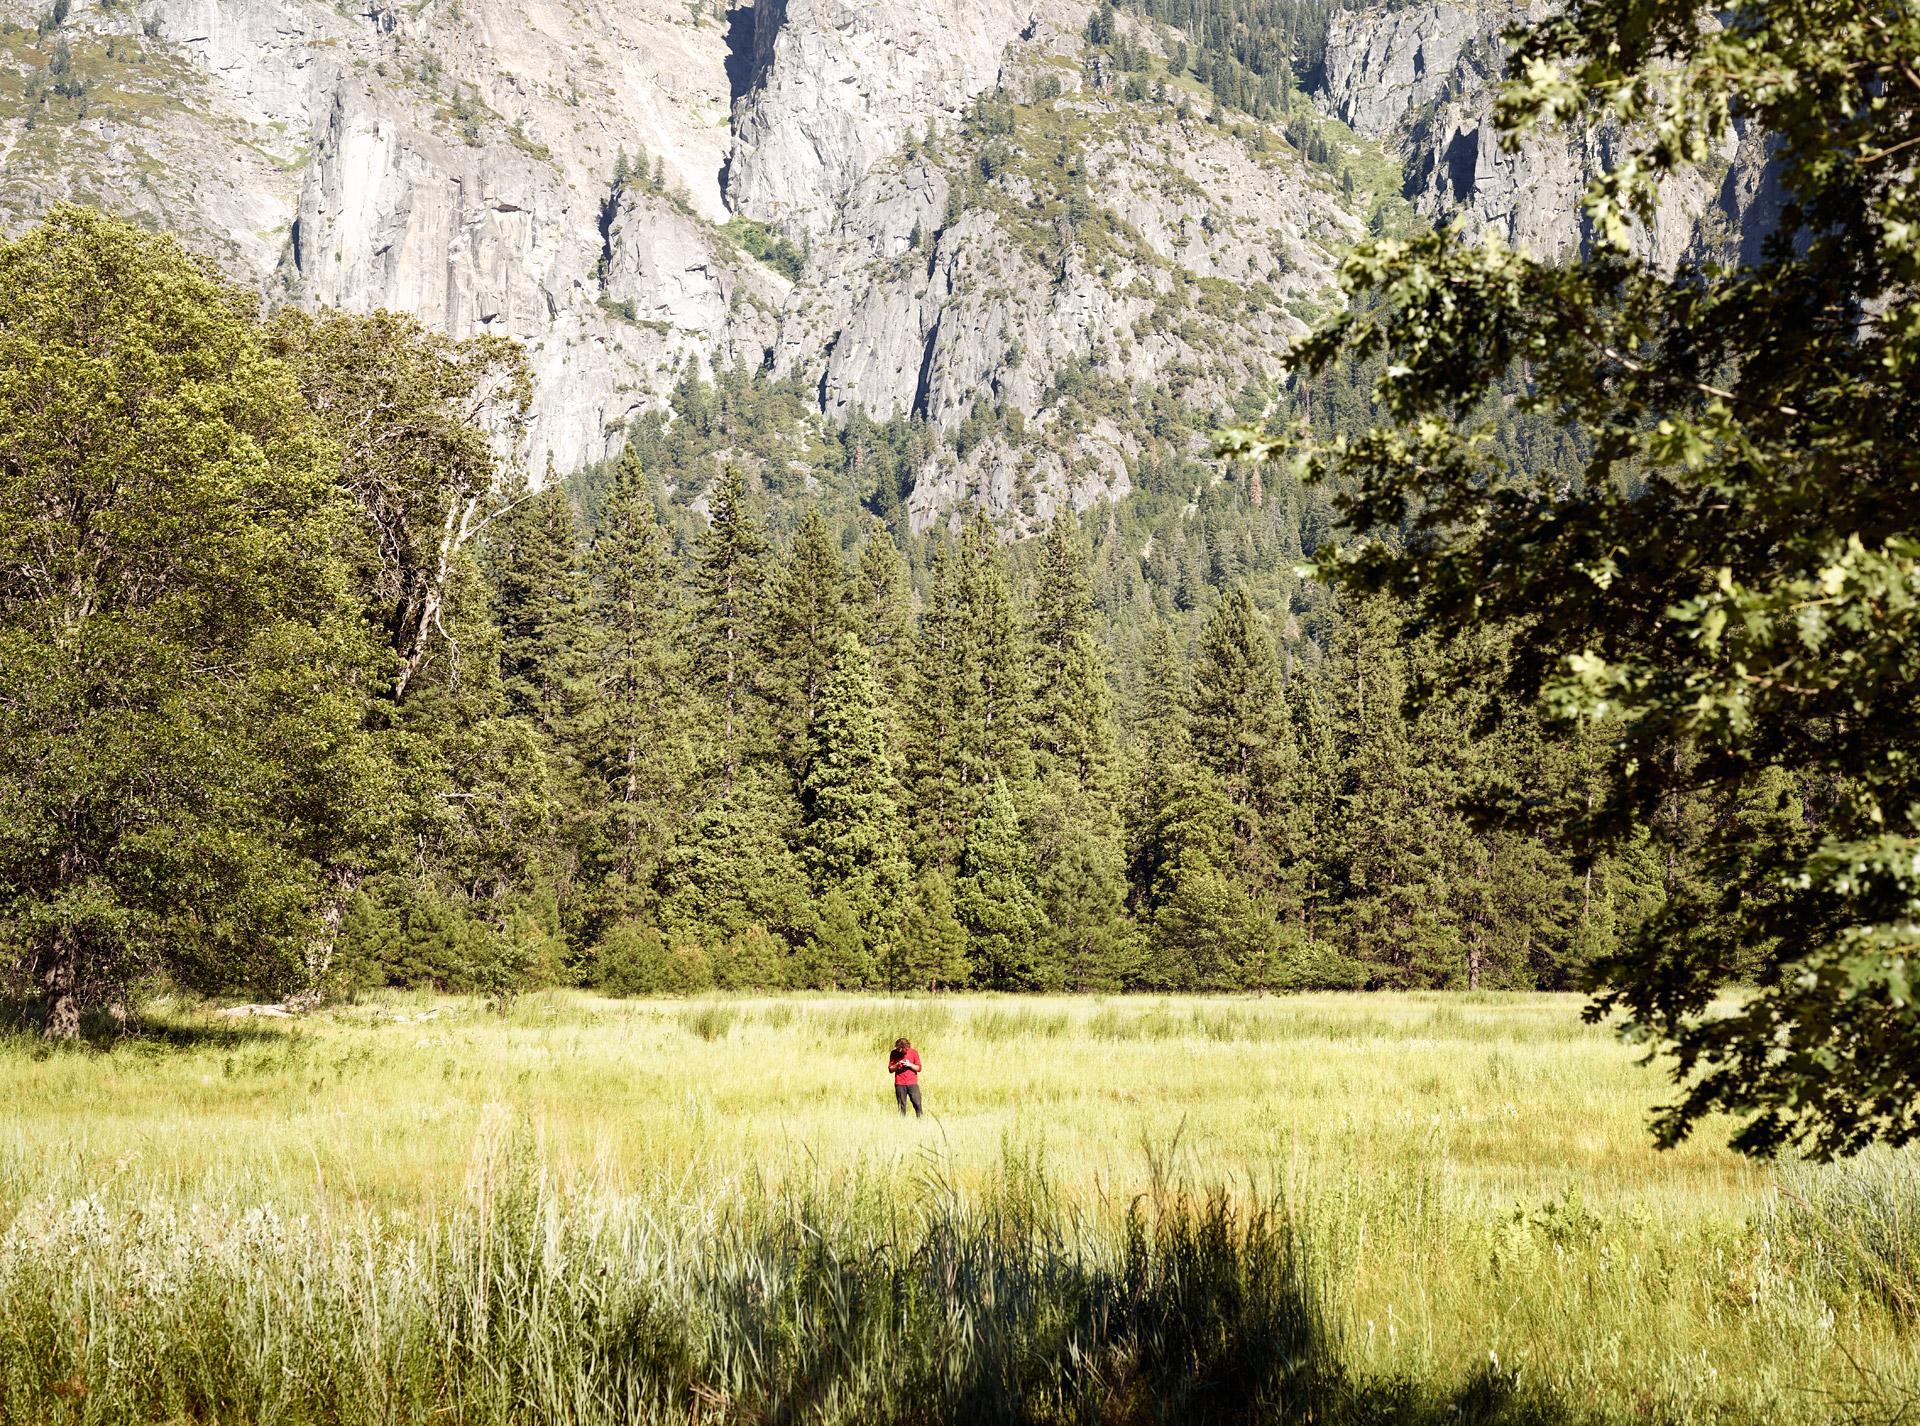 YosemiteMobileSignal